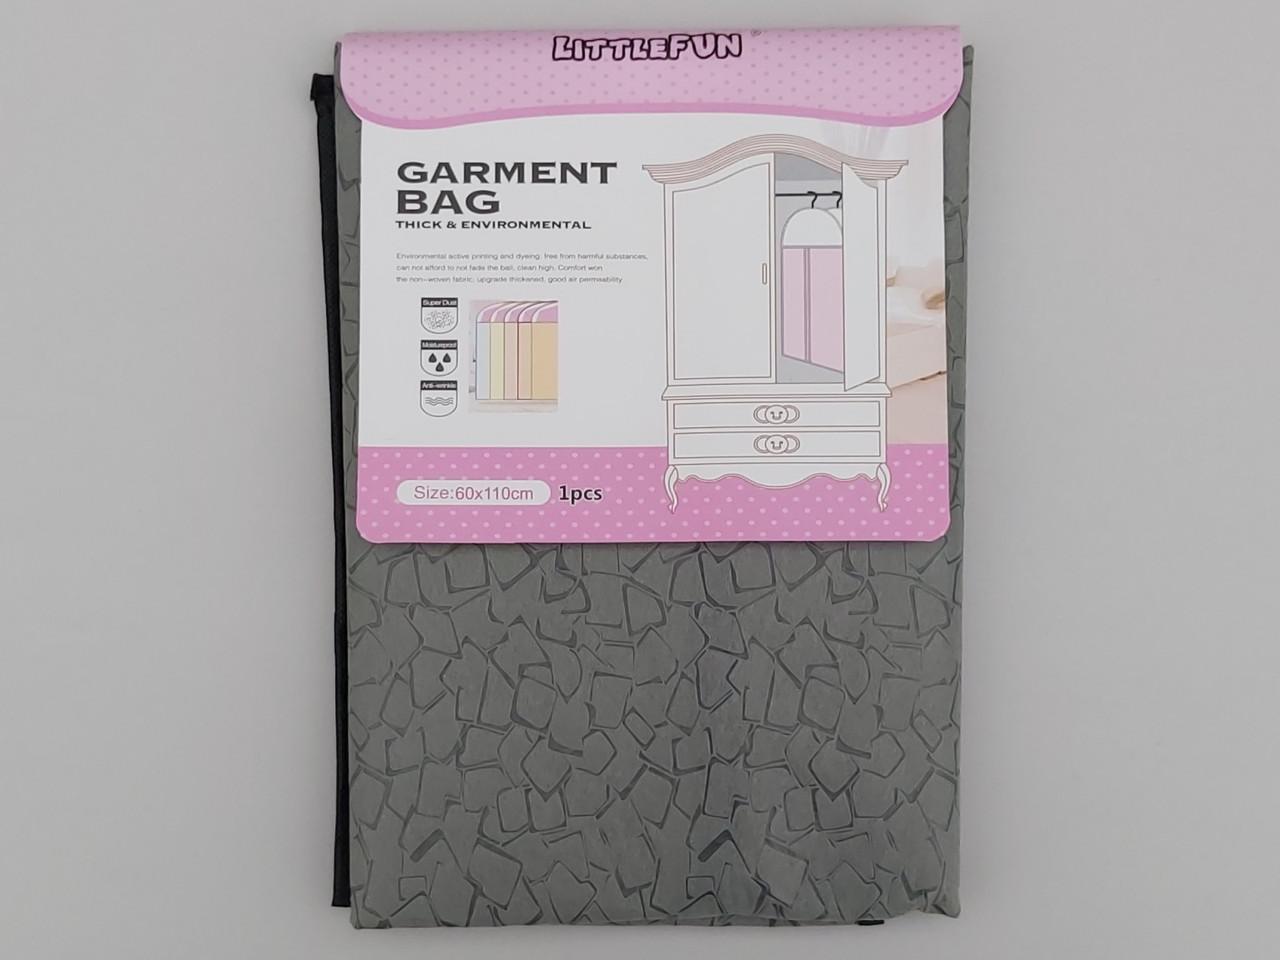 Чехол для хранения одежды утолщенный флизелиновый серого цвета, размер 60*110 см